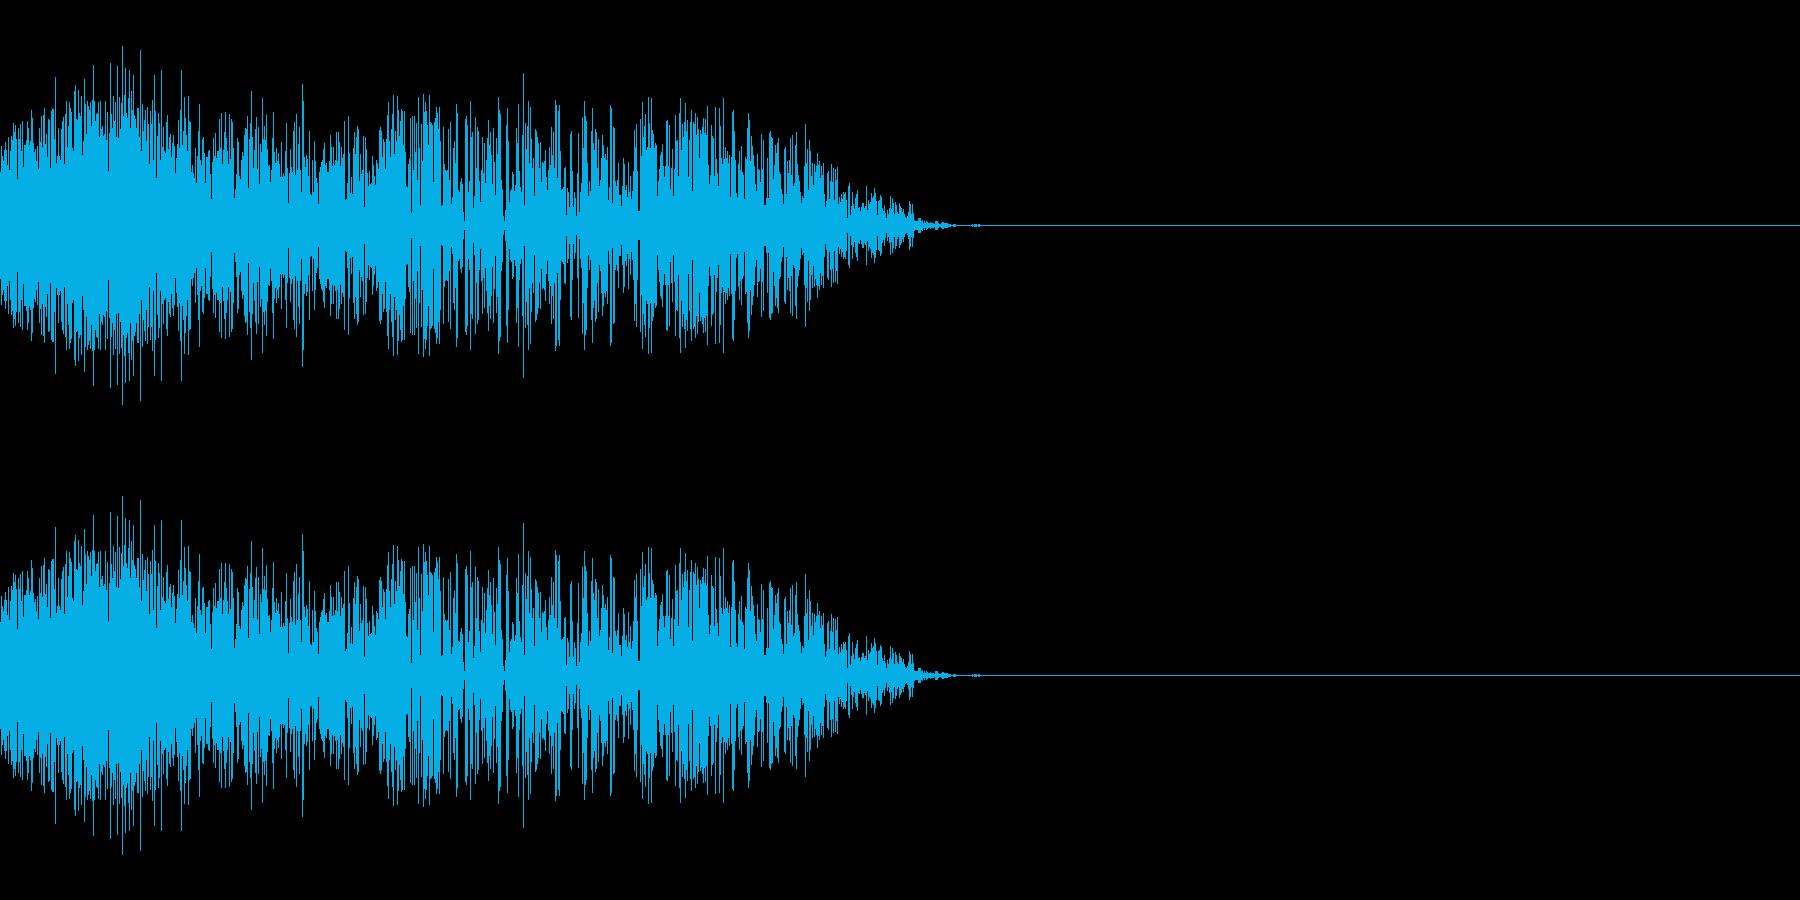 シュッ(スライディング/滑る/ひっかく)の再生済みの波形